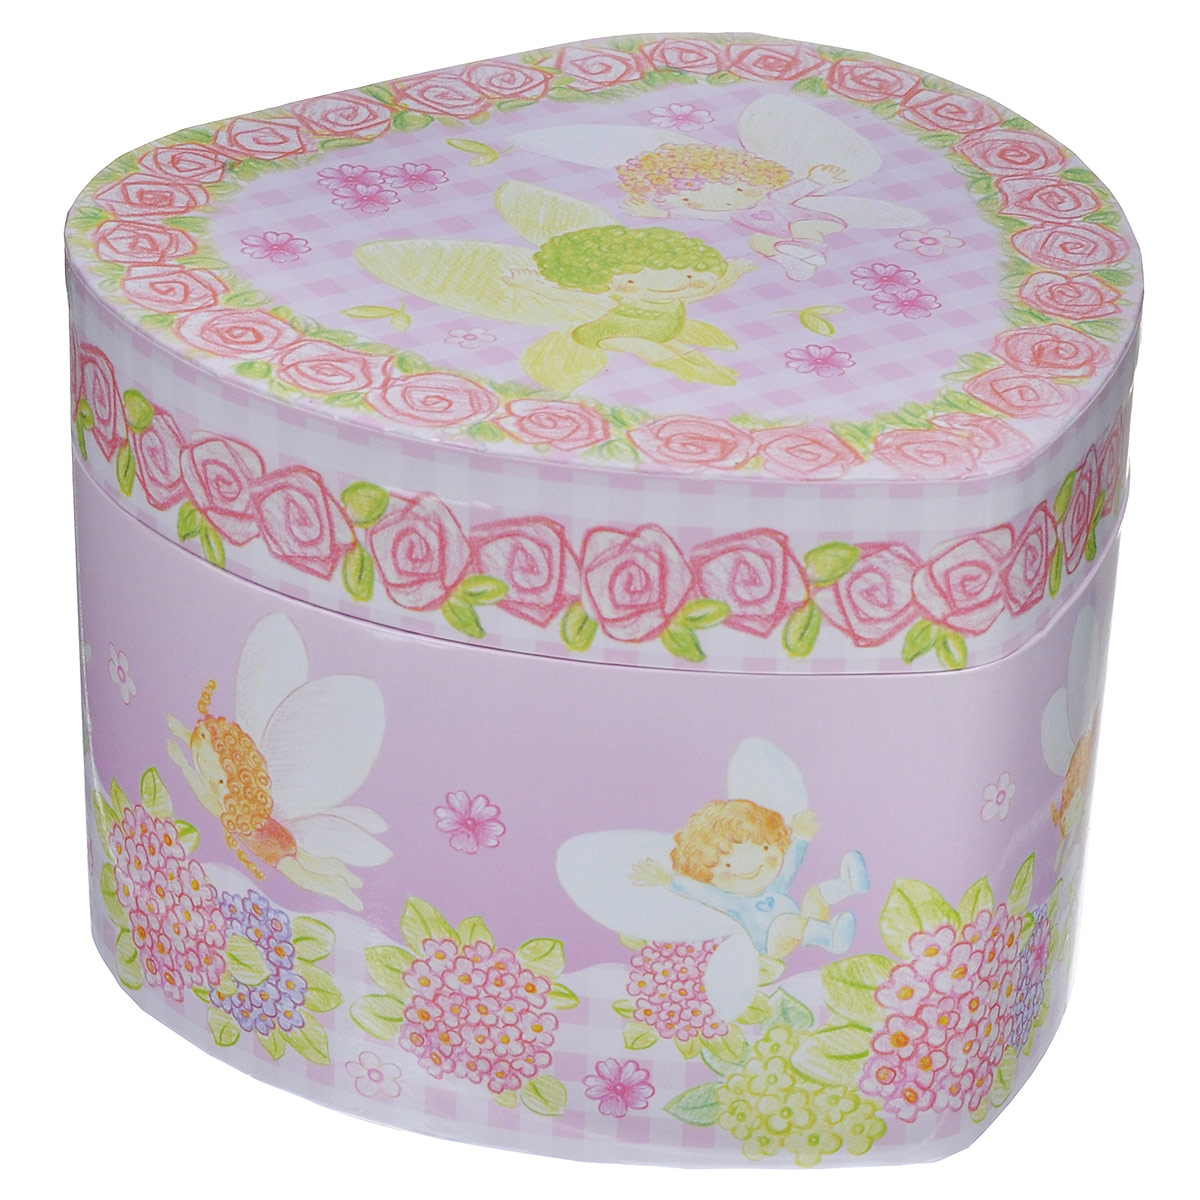 Музыкальная шкатулка Jakos Ангелочки, цвет: розовый jakos маленькая музыкальная шкатулка в форме цветка